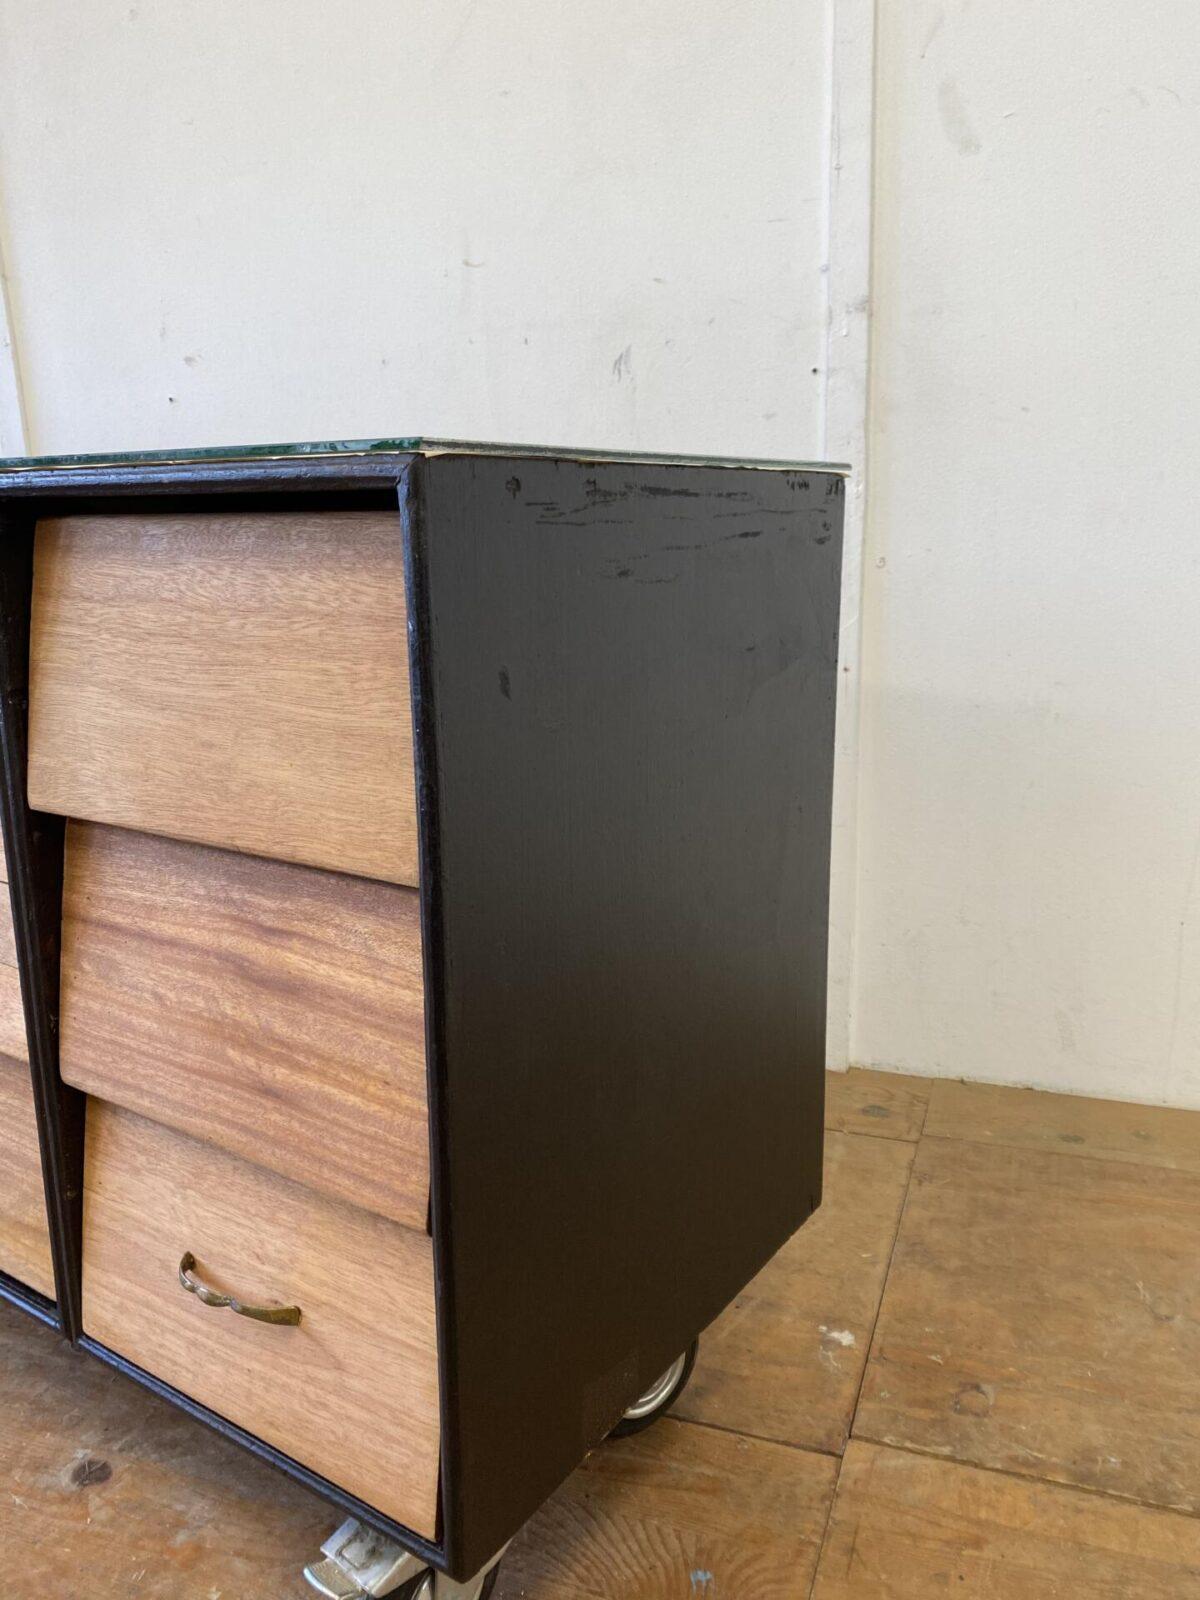 Deuxieme.shop Industrial Sideboard Schubladenkorpus. Schubladenmöbel auf Rollen mit aufgelegter Glasplatte. 180x46.5cm Höhe 77cm. Schubladenfronten aus Teak Vollholz, Möbelseiten schwarz lackiert. Die Glasplatte ist mit alten Zeitungsausschnitten unterlegt, und kann nach eigenem Gusto gestaltet werden, von Postkarten bis Leder ist vieles möglich. Passend zur Werkstatt Industrie Ausstrahlung kommt das Möbel auch mit Schrammen, Altersspuren und Patina daher. Die zwei kurzen Glasseiten wurden nicht maschinell geschnitten, sie sind jedoch nicht scharfkantig. Die Rollen laufen gut und zwei davon können blockiert werden.